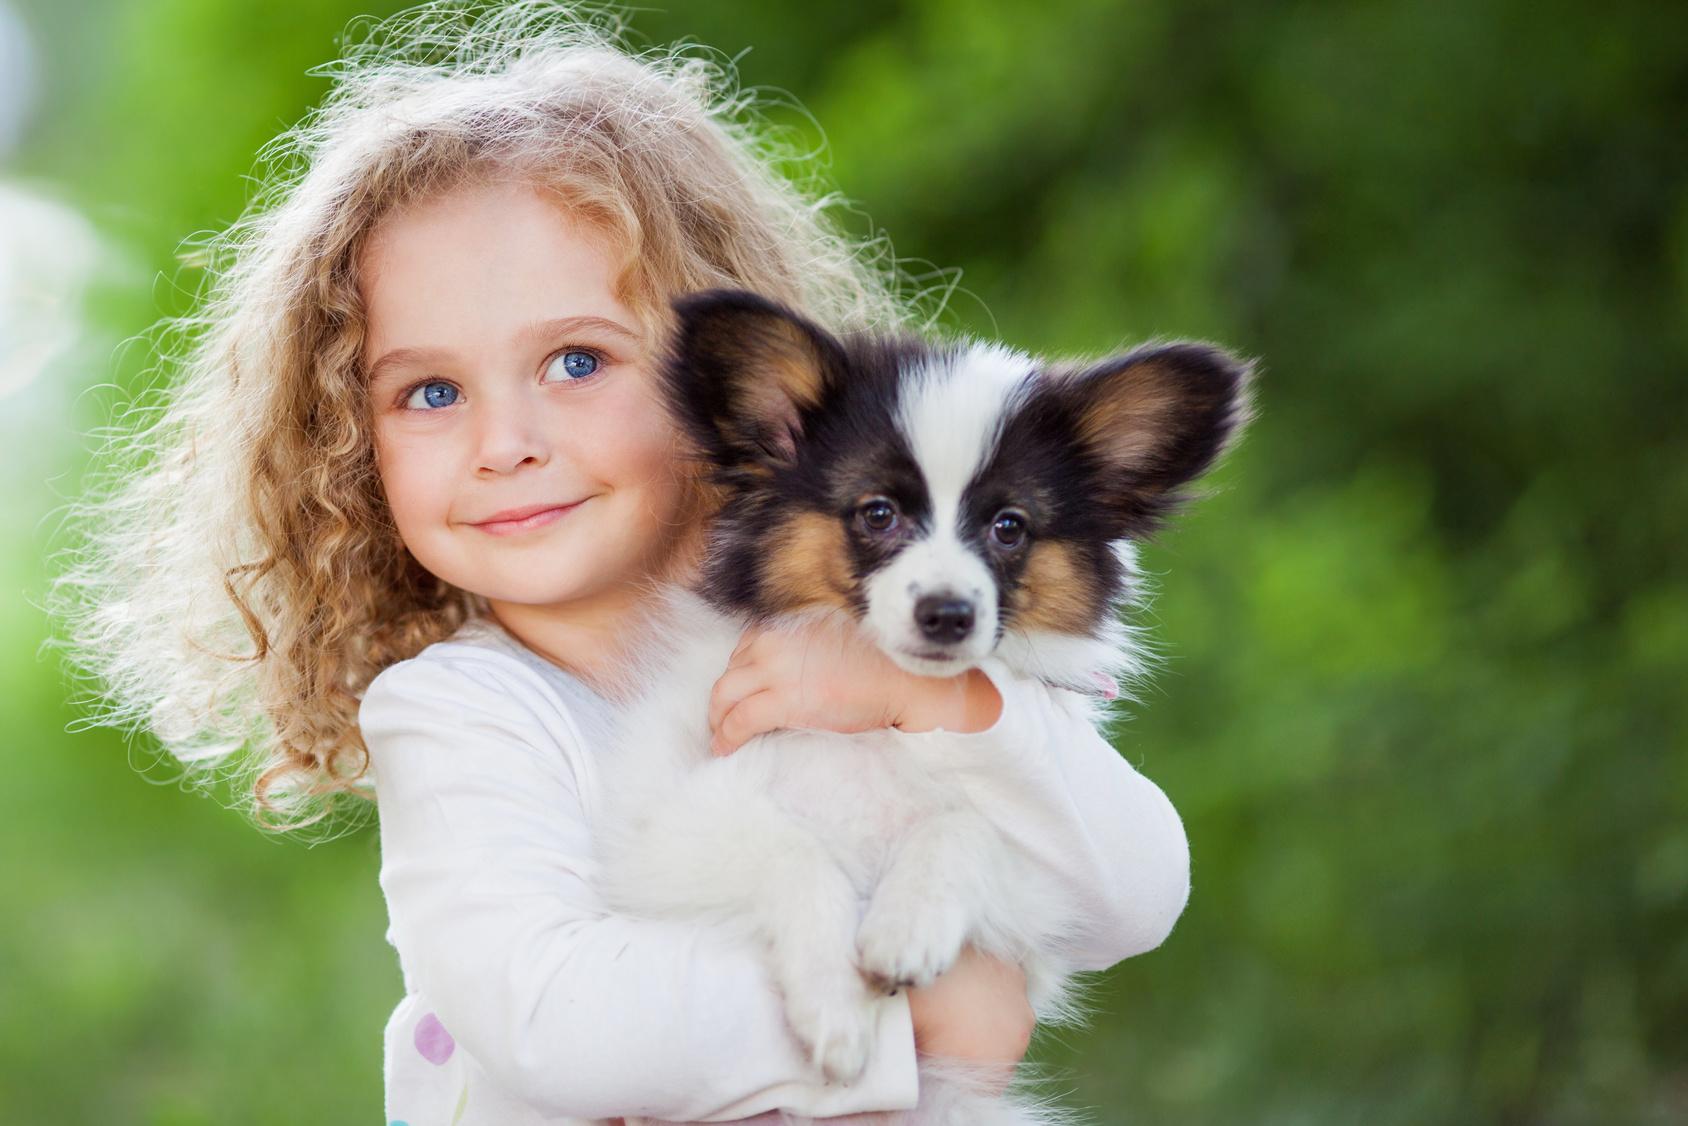 Wauwau, Miezi und Co: Der ultimative Haustiervergleich